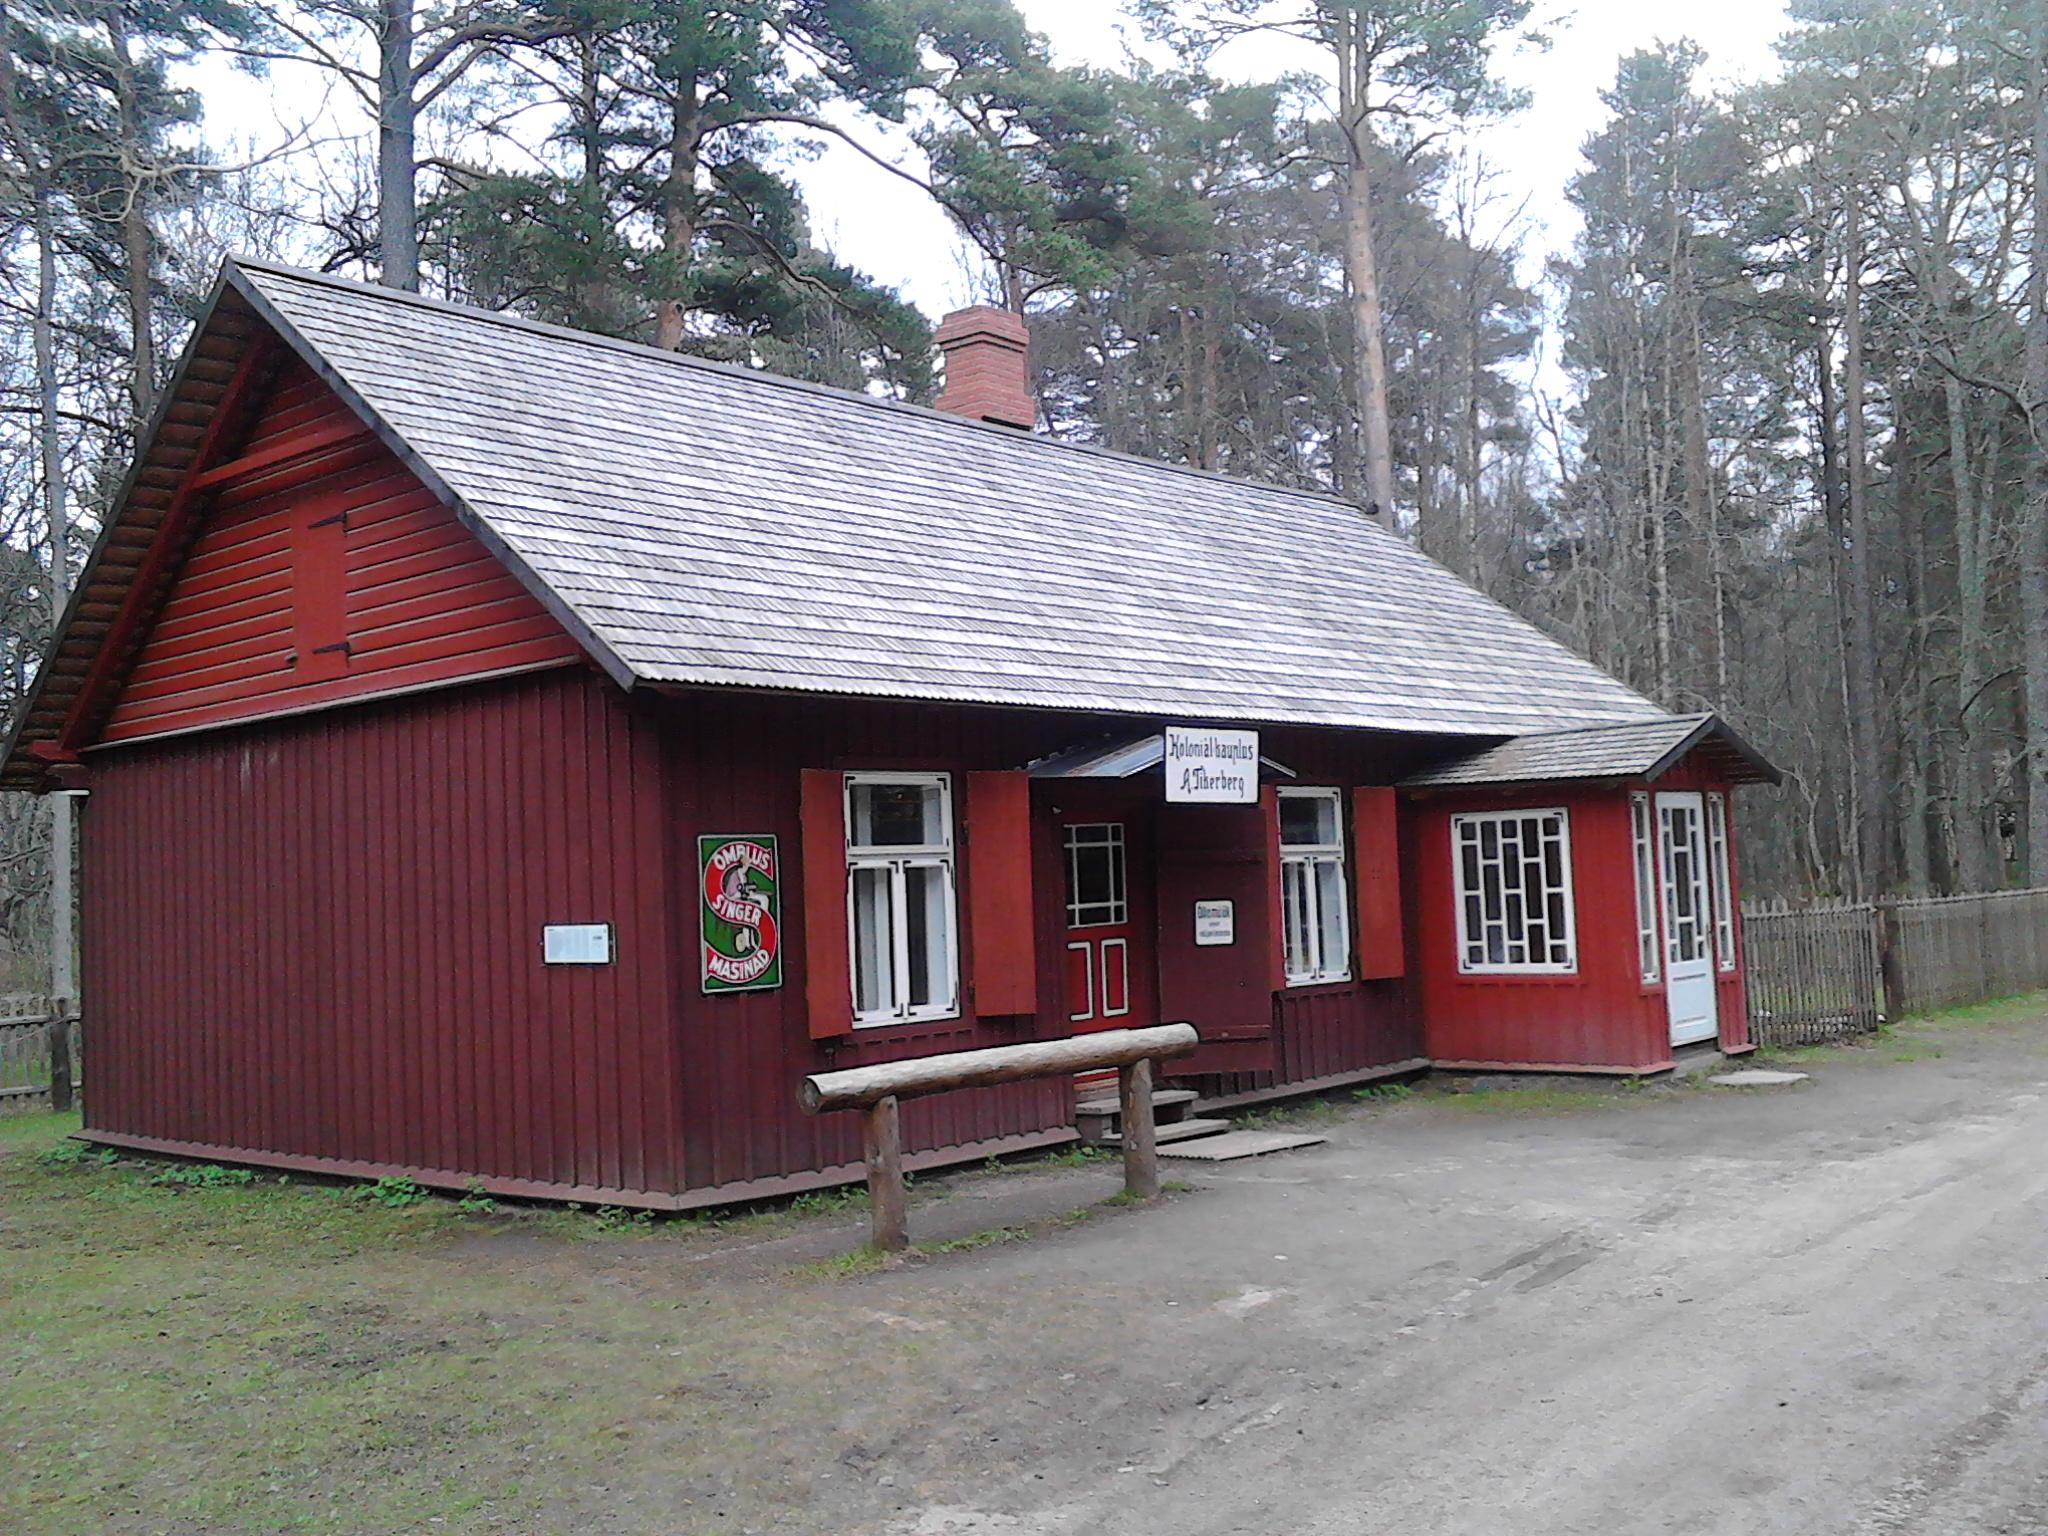 Casetta degli anni'30 che serviva anche da negozio rurale. E' mstato usato questo tipico color rosso a base di rame che proteggeva il legno e che è molto usato in Finlandia e in Svezia per gli edifici rurali, amcora oggi.